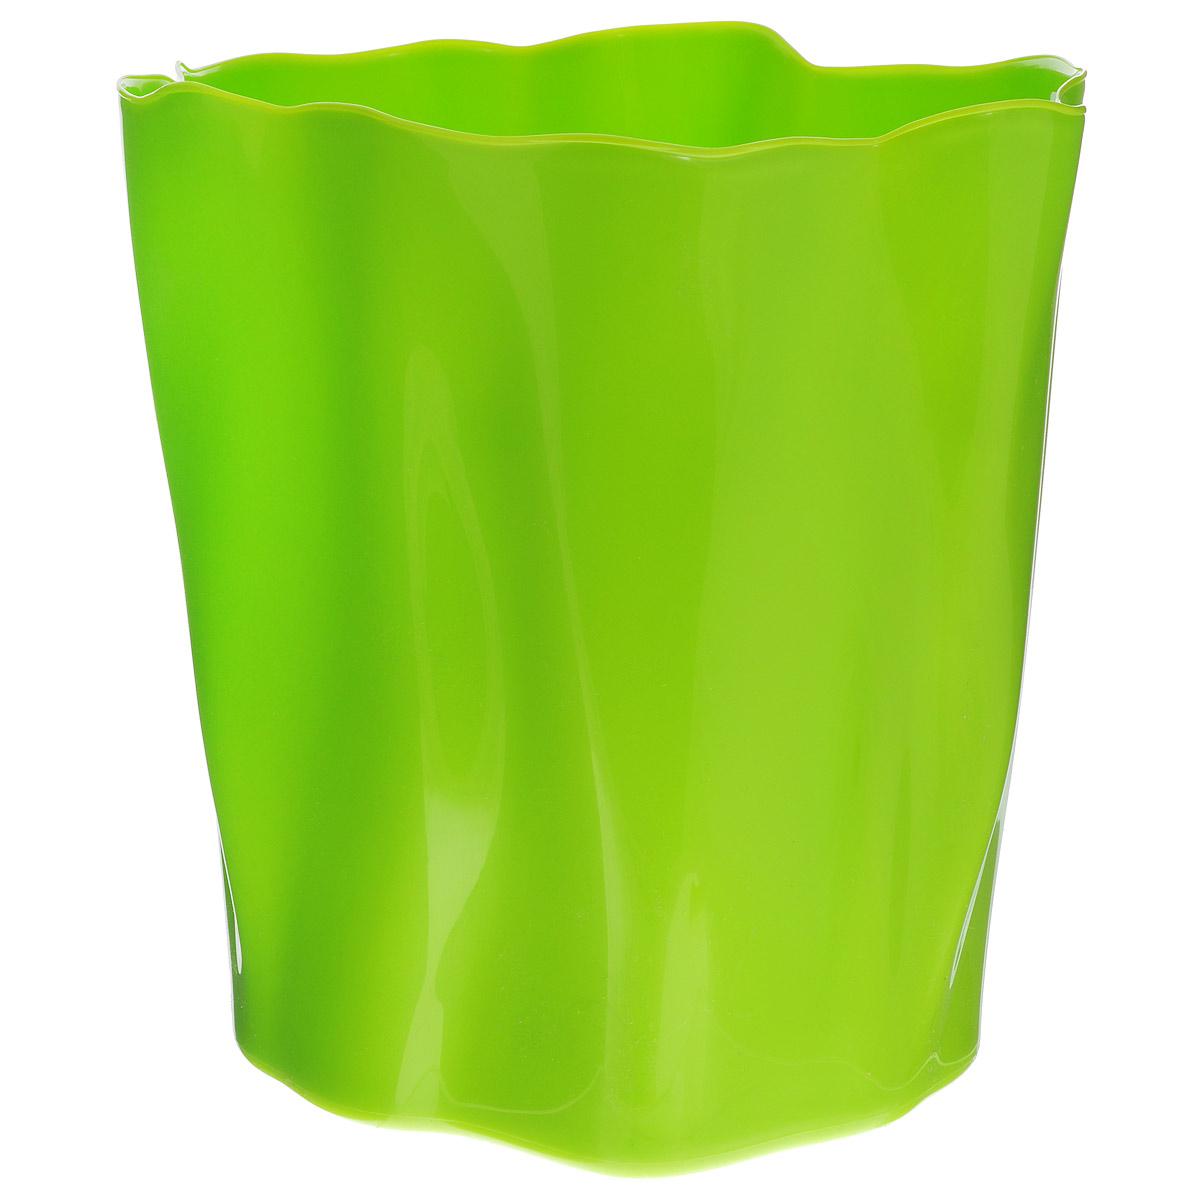 Органайзер Qualy Flow, большой, цвет: зеленый, диаметр 27 смQL10141-GNОрганайзер Qualy Flow может пригодиться на кухне, в ванной, в гостиной, на даче, на природе, в городе, в деревне. В него можно складывать фрукты, овощи, хлеб, кухонные приборы и аксессуары, всевозможные баночки, можно использовать органайзер как мусорную корзину, вазу. Все зависит от вашей фантазии и от хозяйственных потребностей! Пластиковый оригинальный органайзер пригодится везде! Диаметр: 27 см. Высота стенки: 28 см.